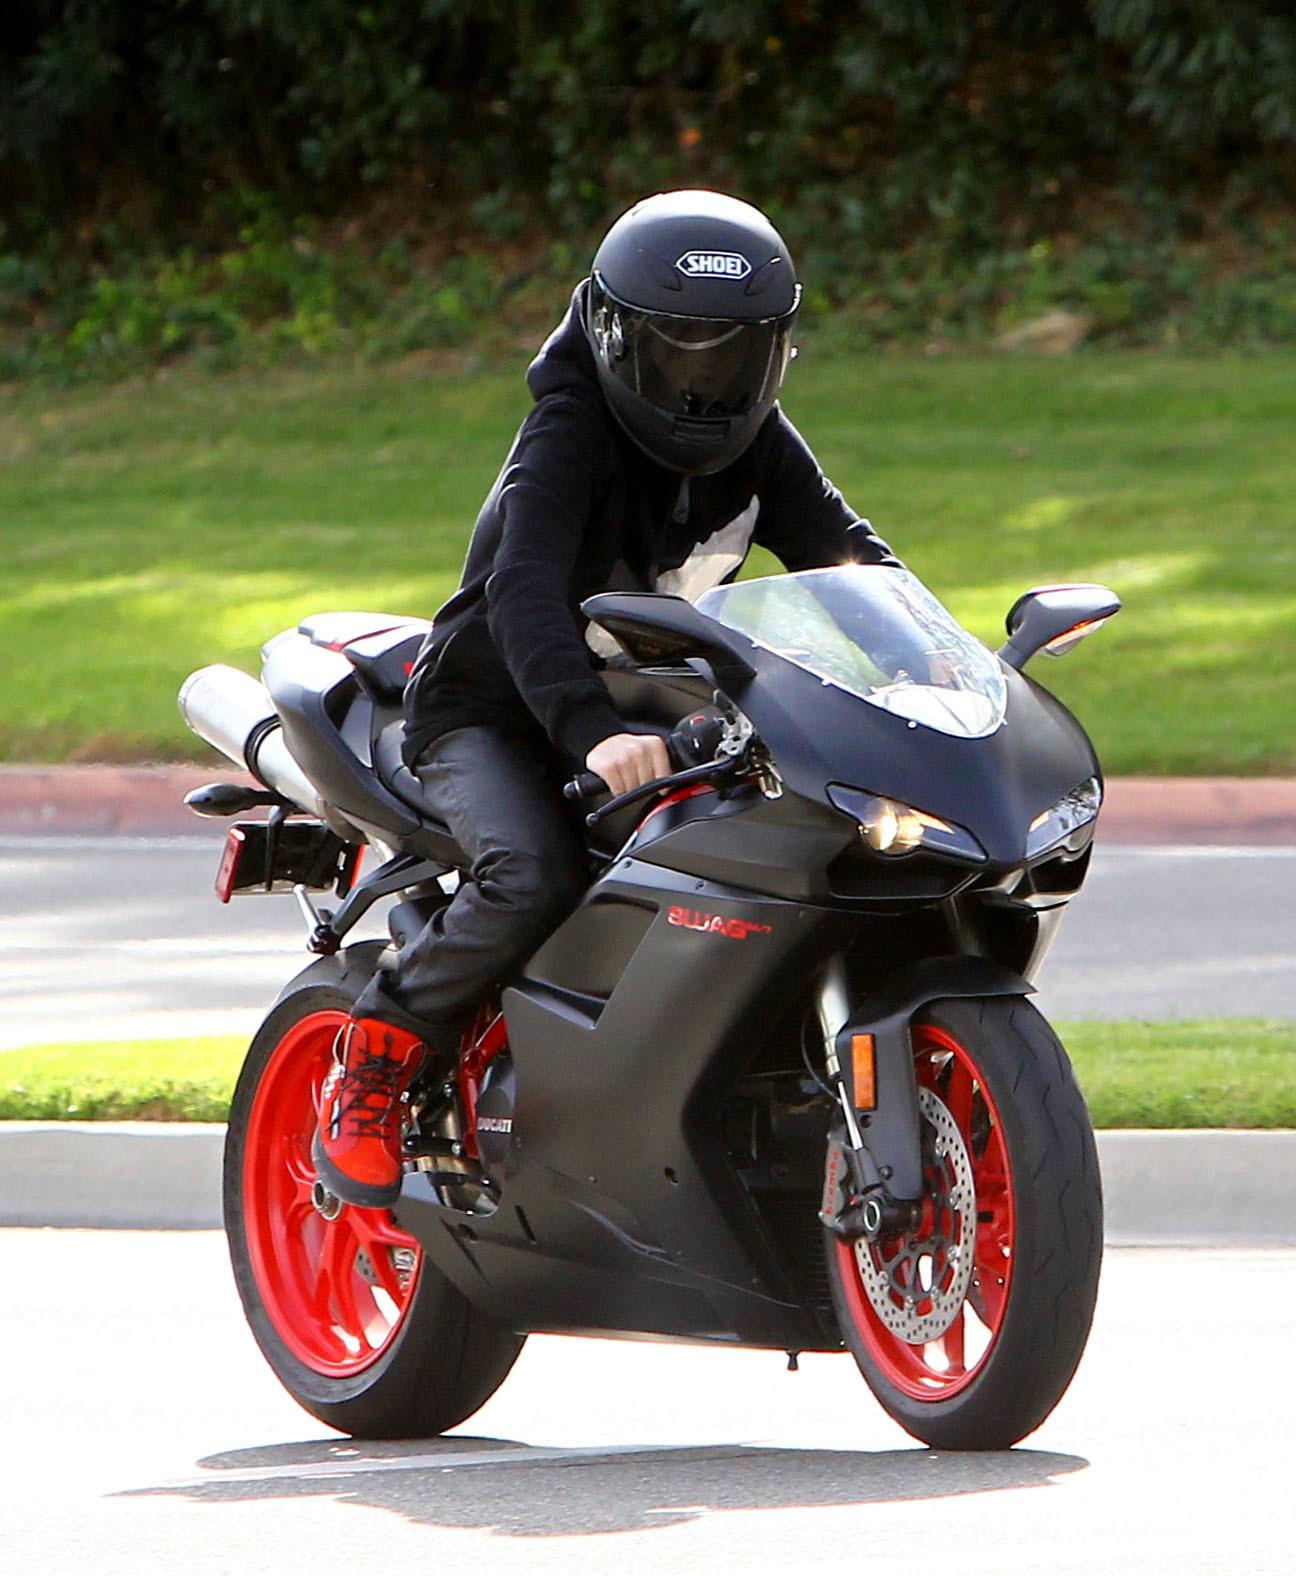 Justin Timberlake Justin Bieber motorcycle fashion